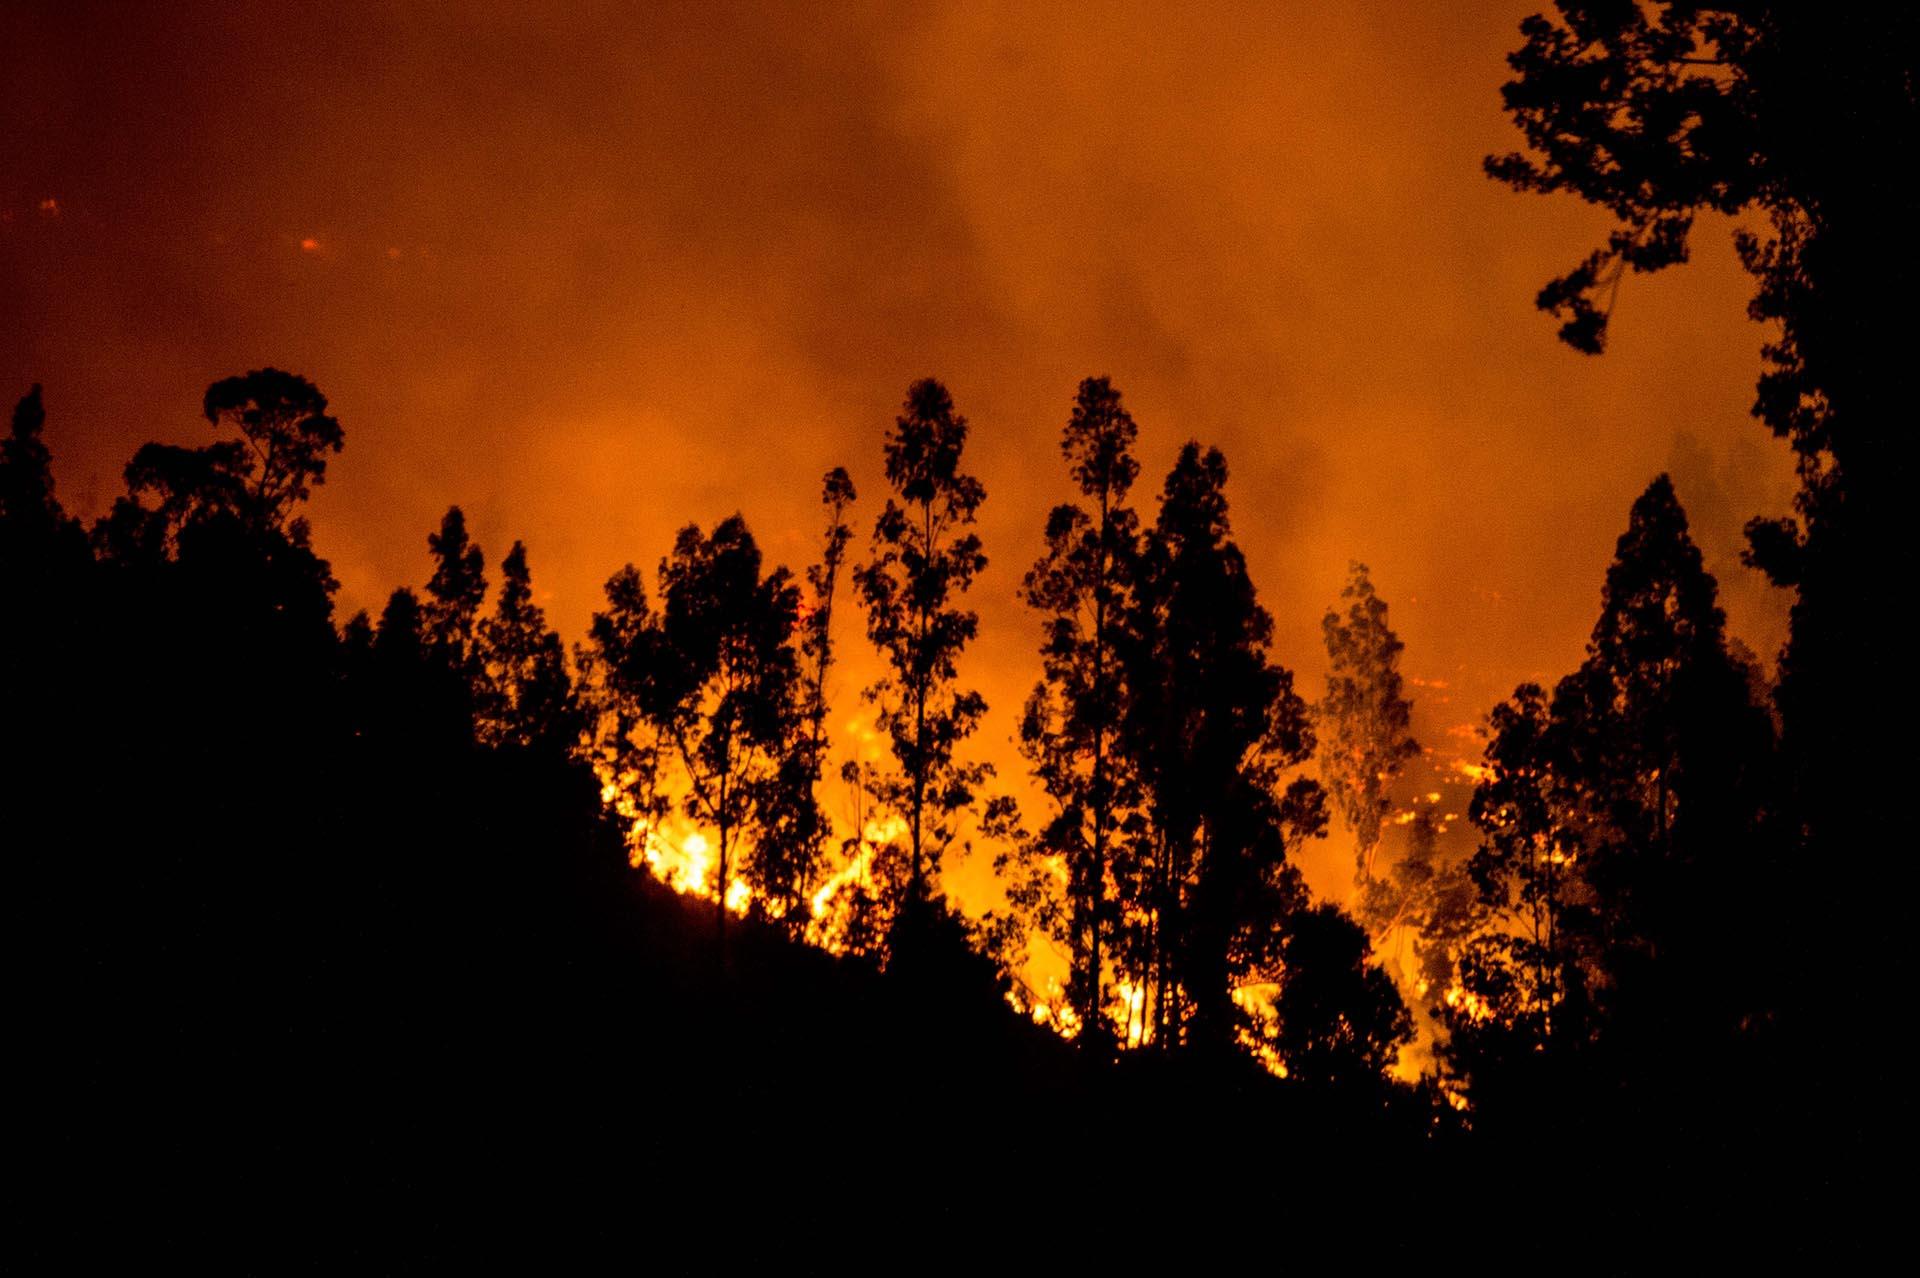 Los daños entre la fauna y la flora, en particular del bosque nativo, son también incalculables, según los expertos